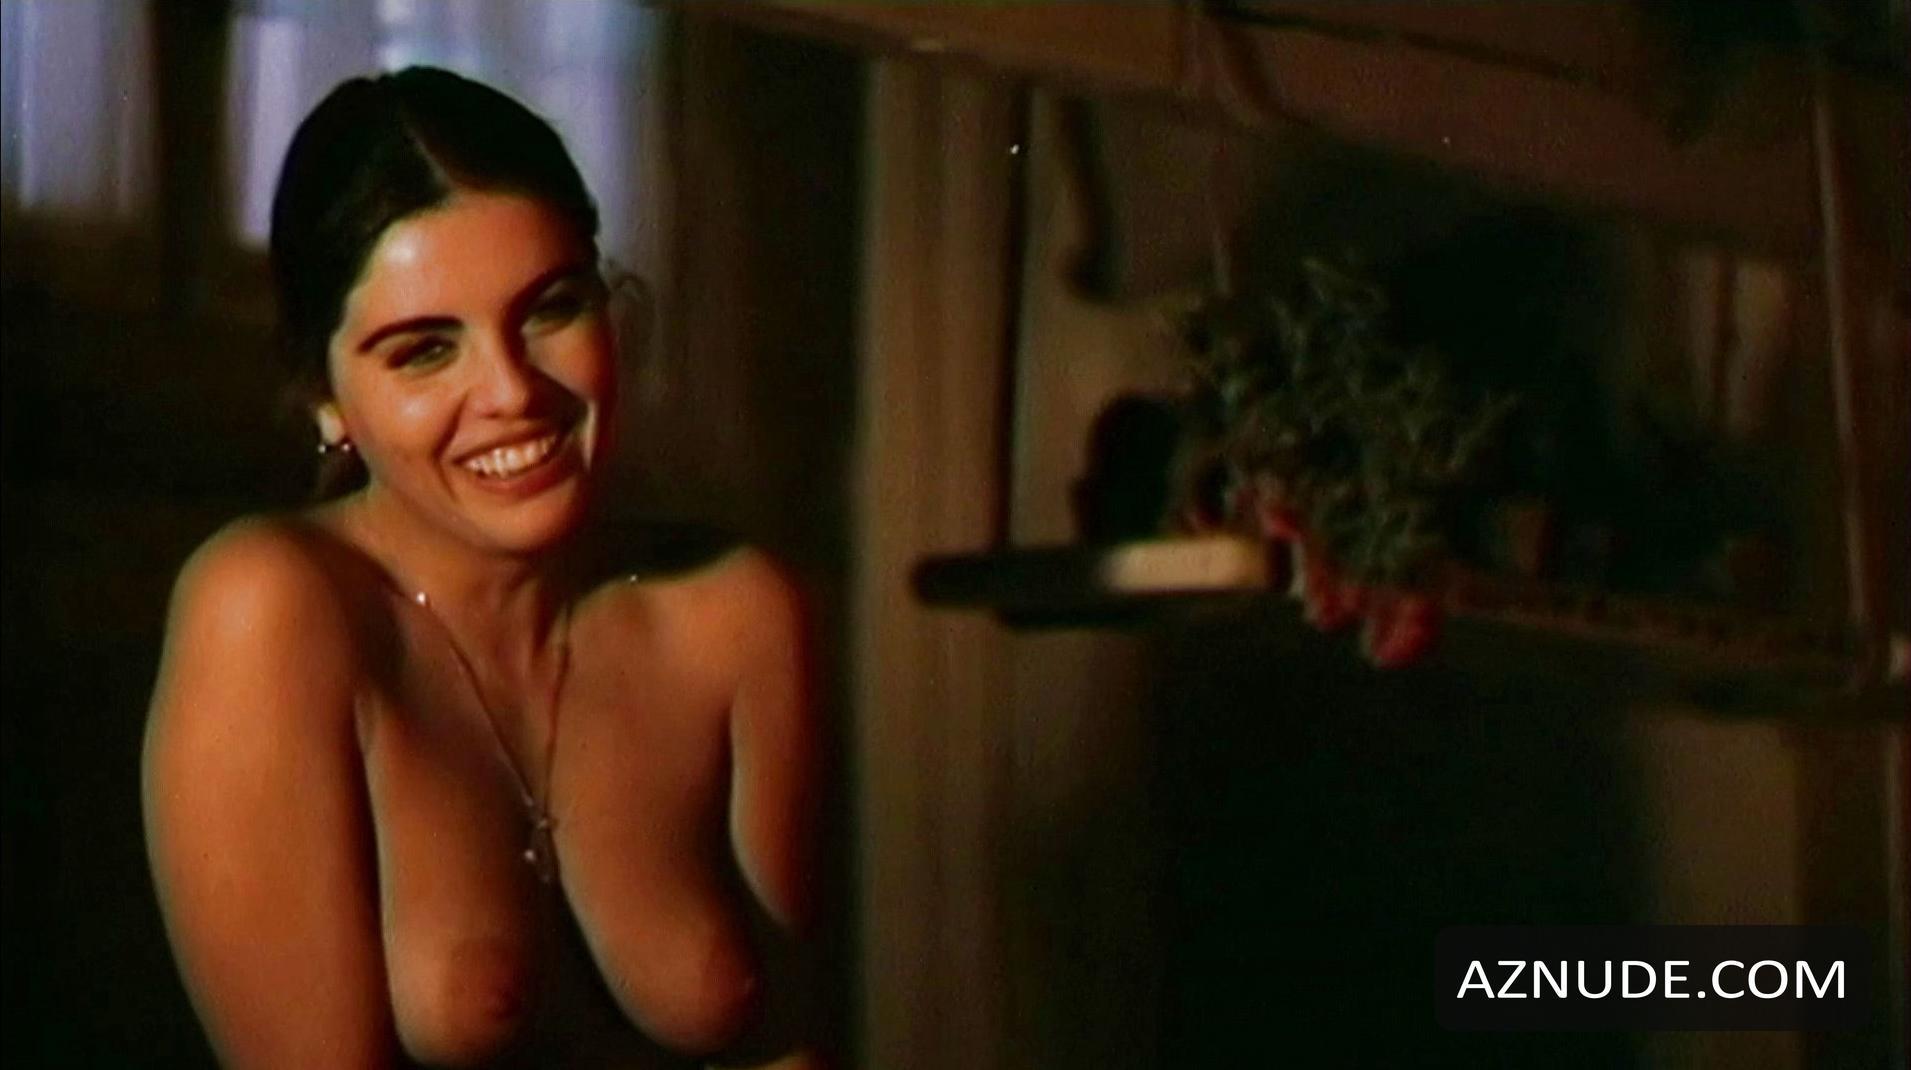 Ania Naked ania pieroni nude - aznude